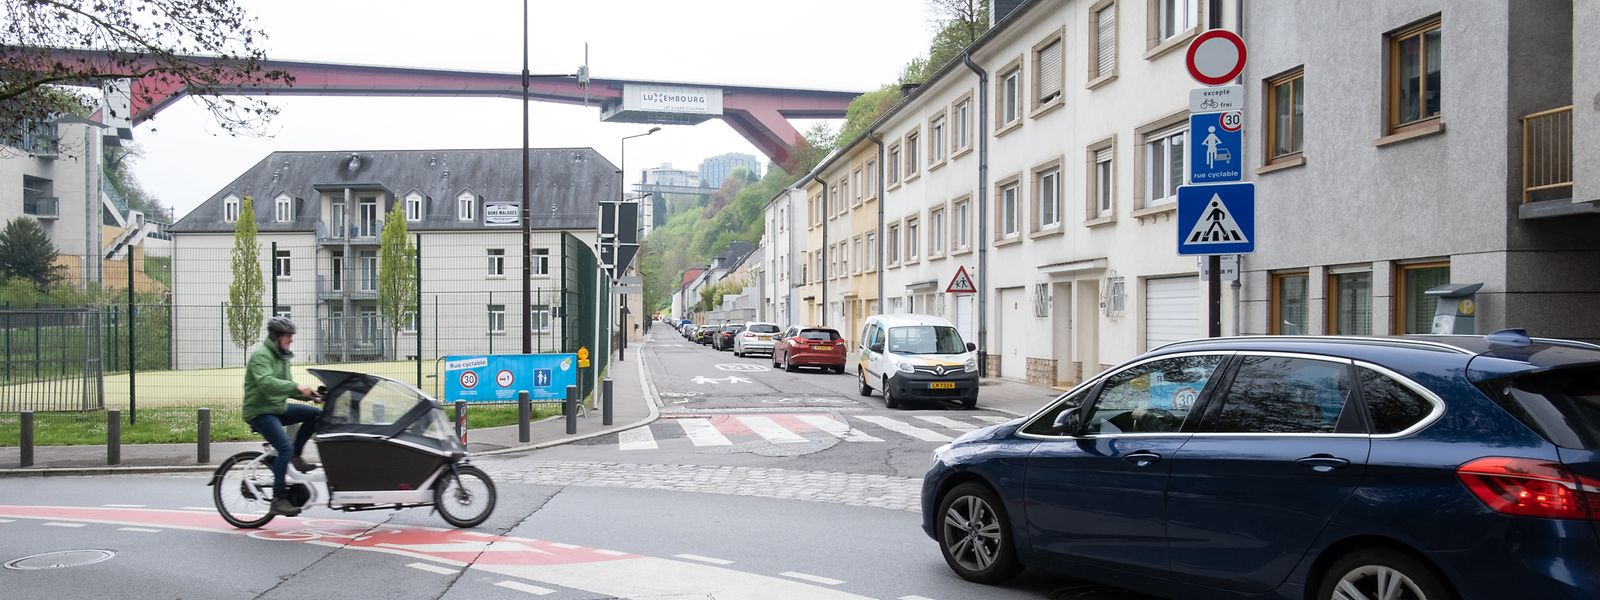 Radfahrer müssen inmitten der Fahrbahn zwischen kreuzenden Fahrzeugen anhalten, um nach links abzubiegen.